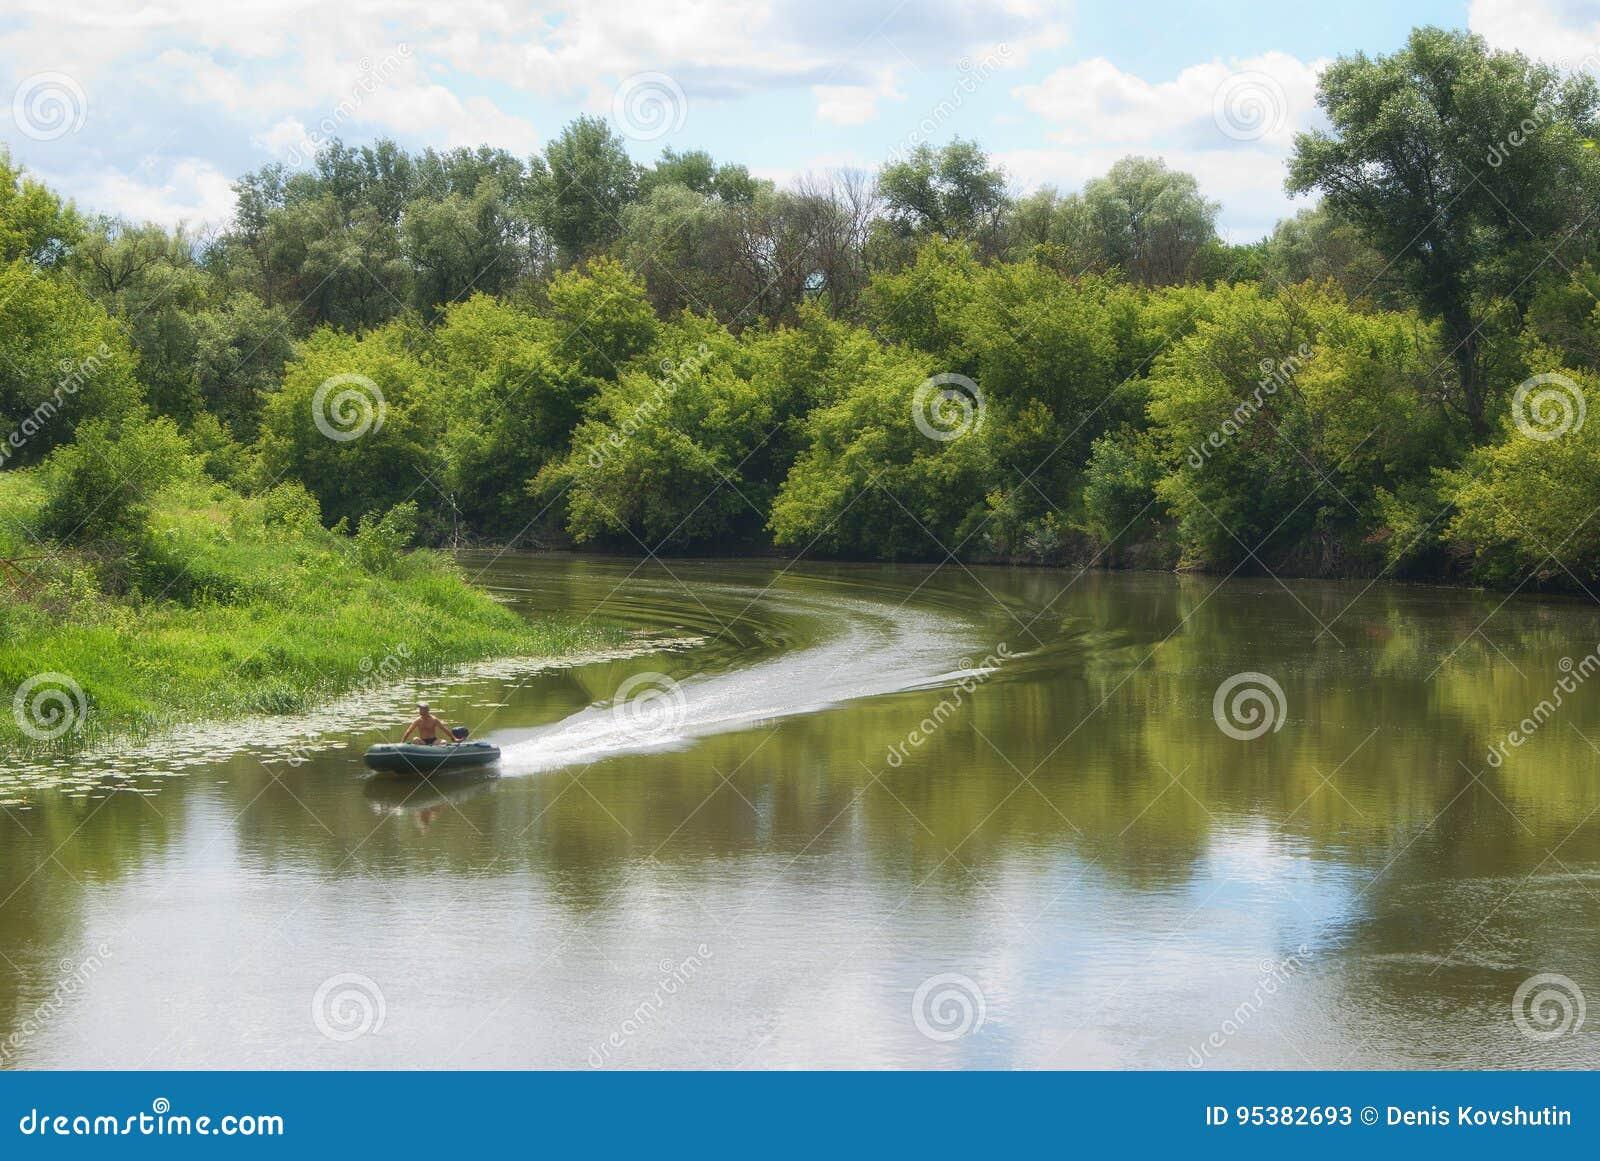 Mudanza encendido de un barco de motor en un río con las costas boscosas